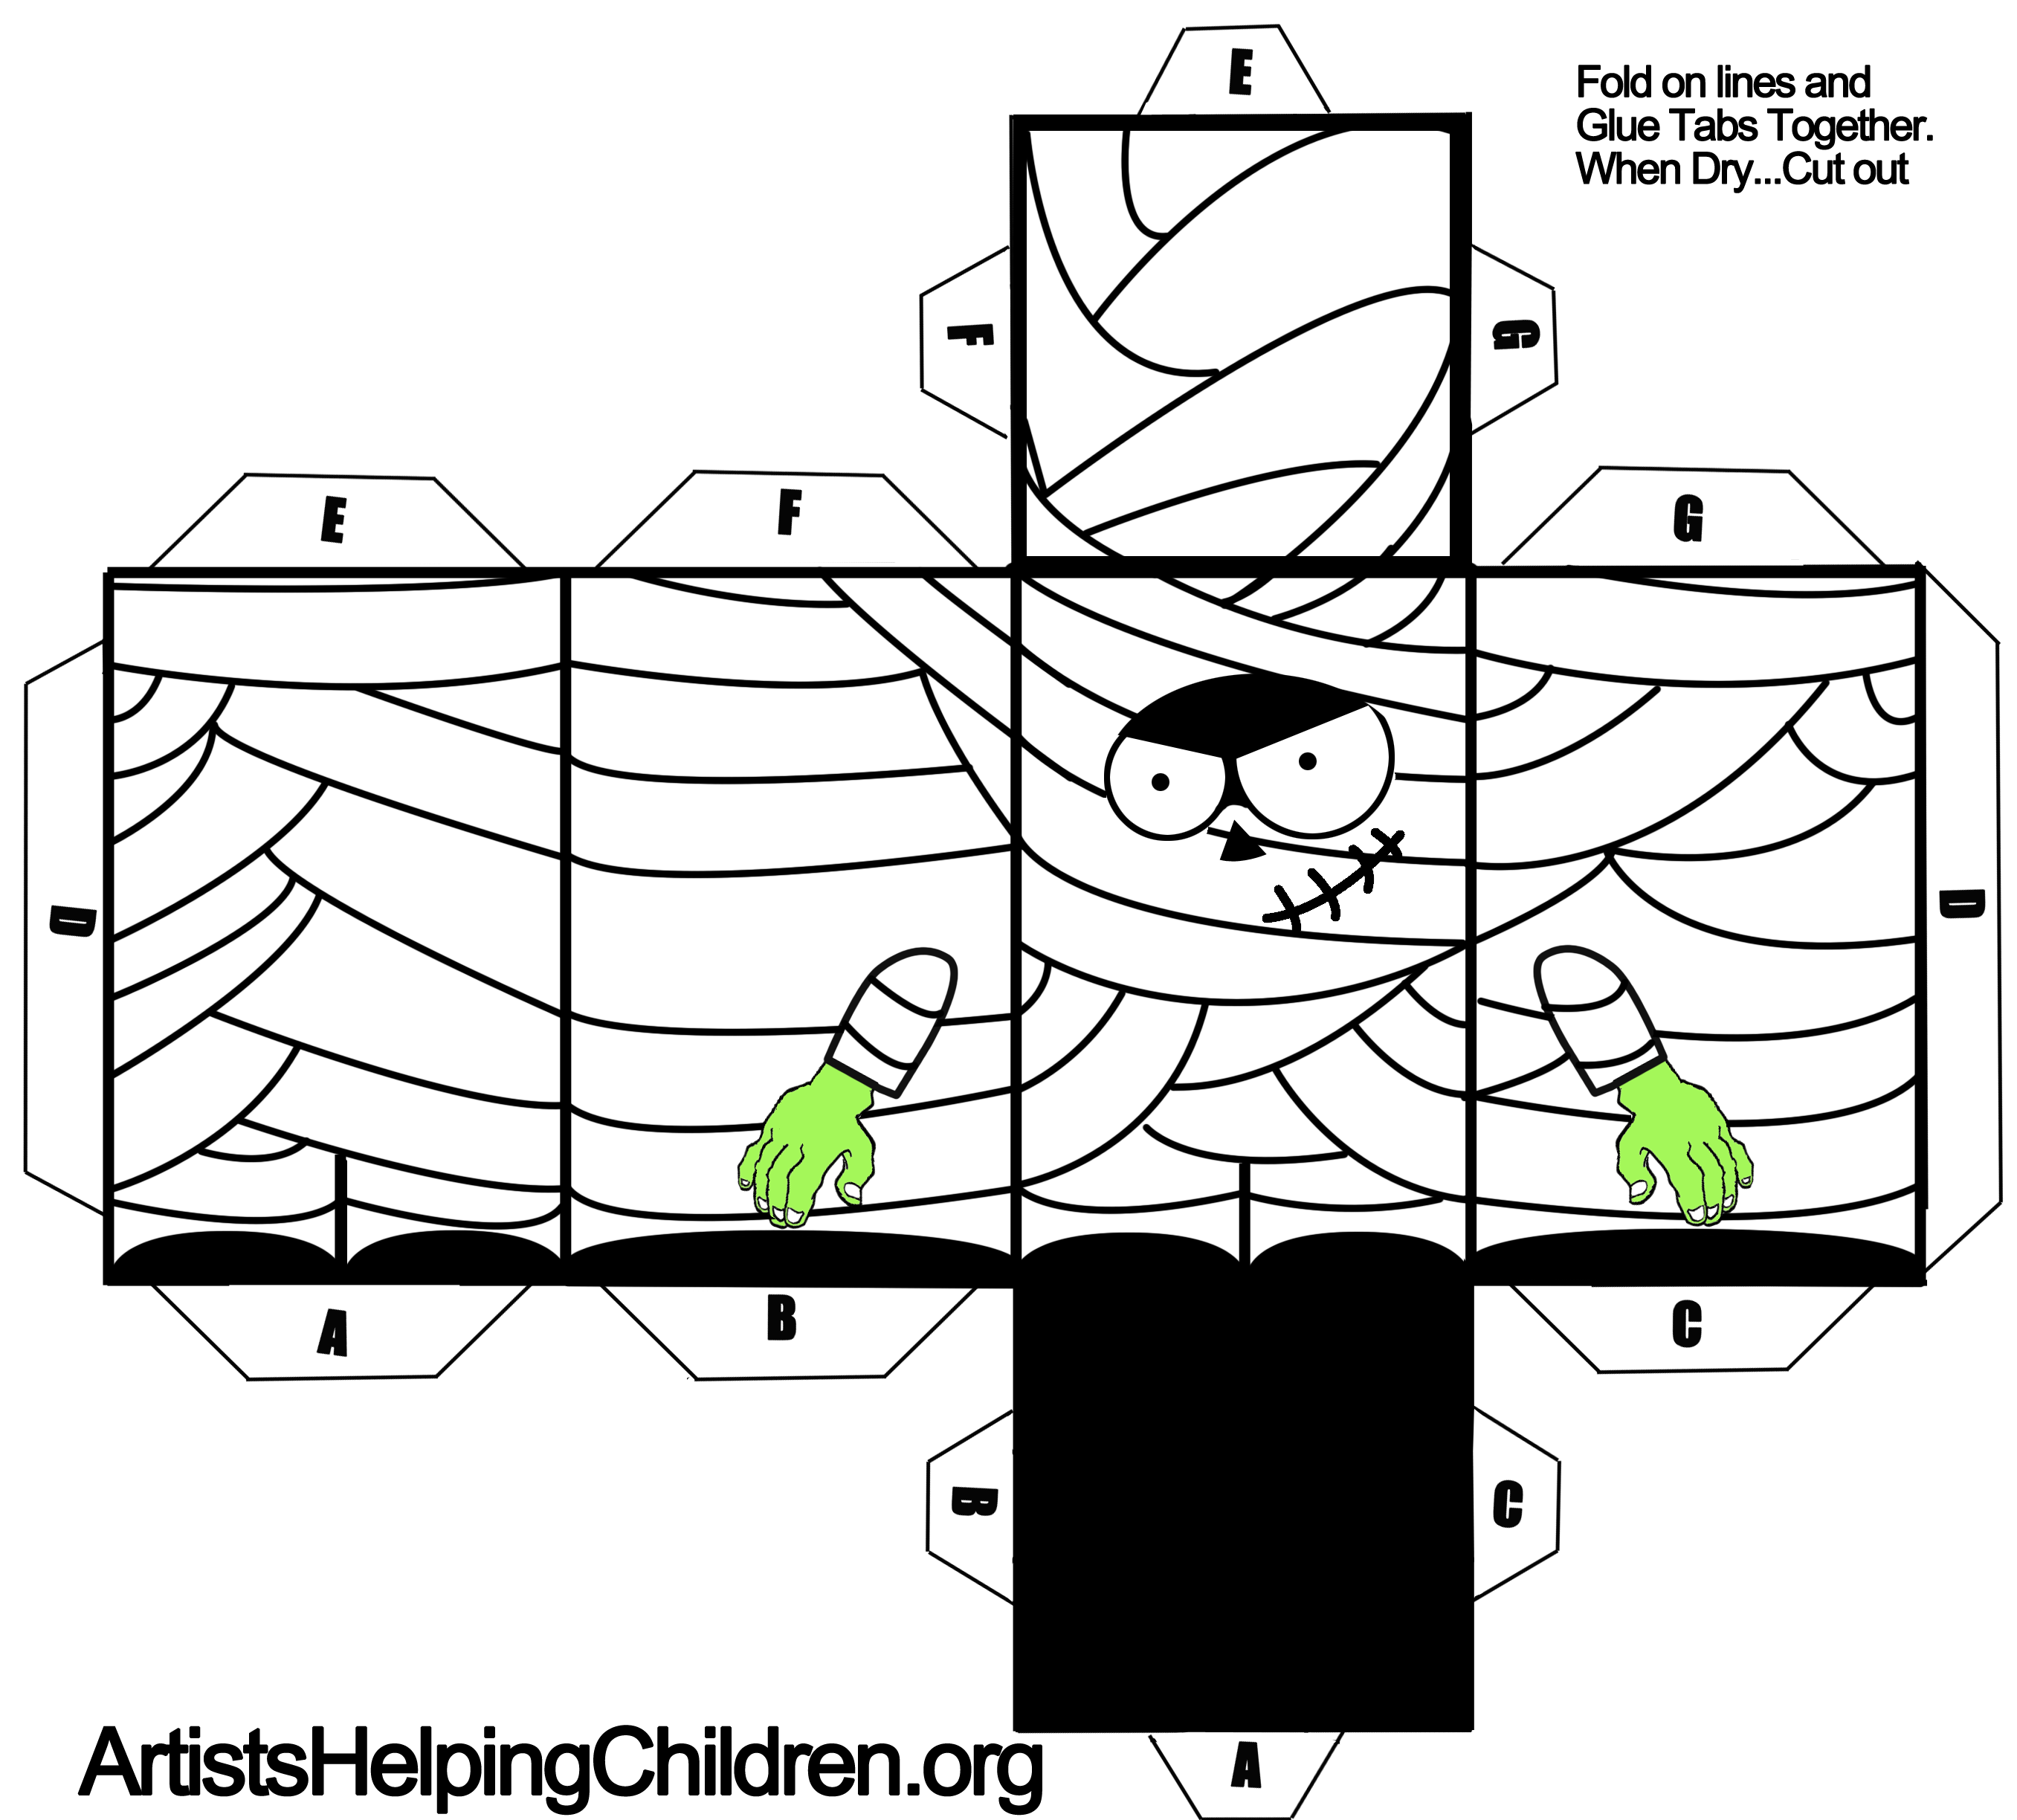 foldable paper templates - Ideal.vistalist.co